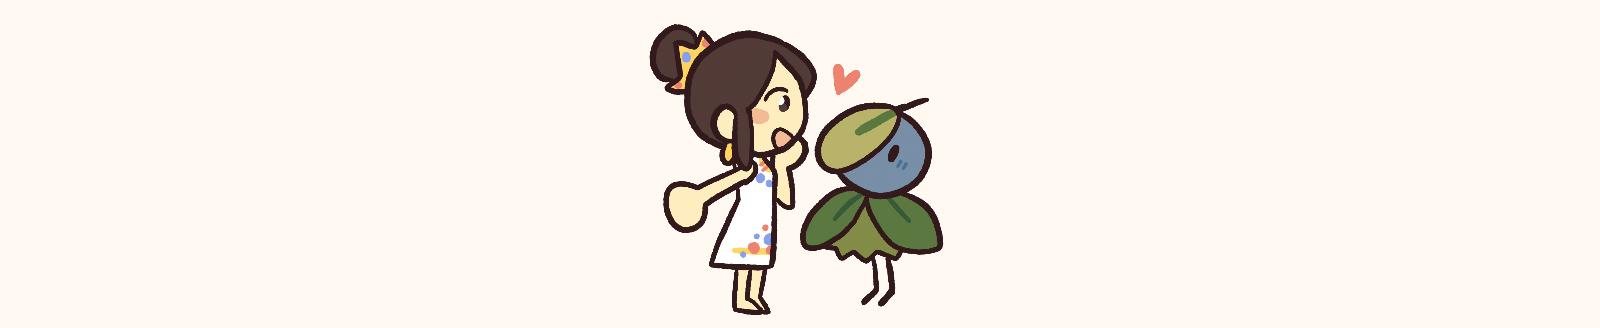 Bai Mudan admiring her Tea Minion